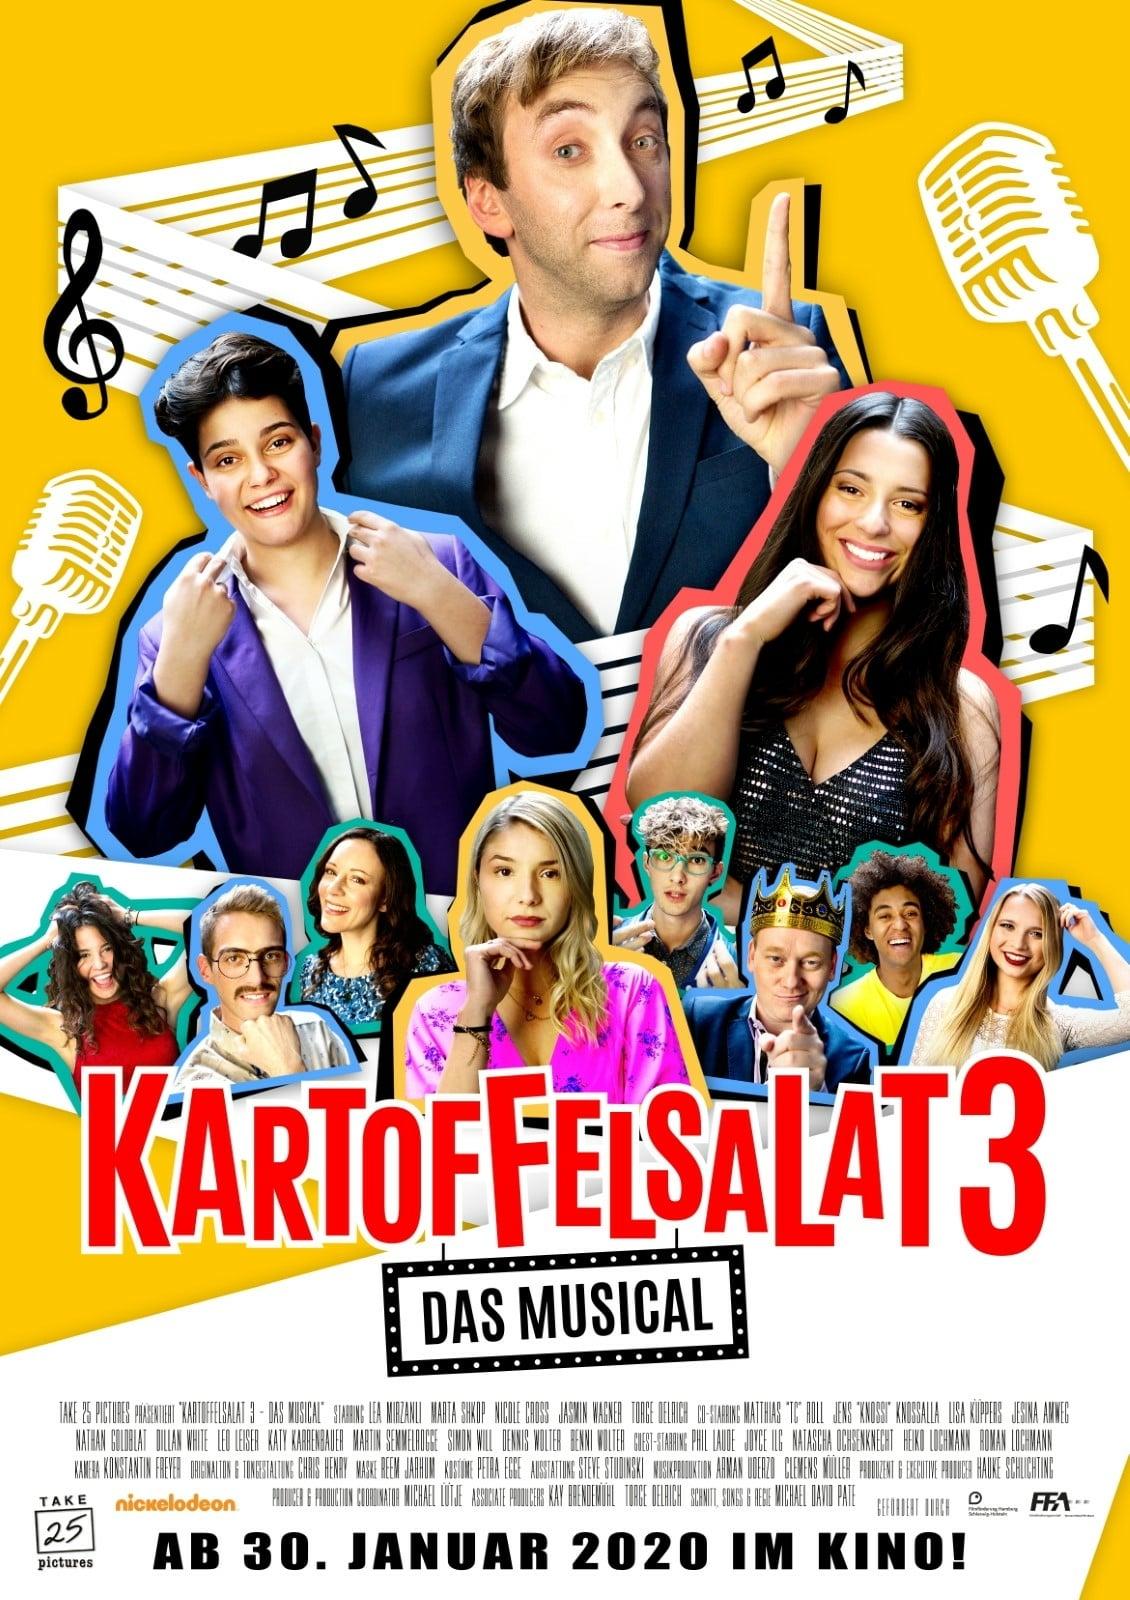 Kartoffelsalat 3 Das Musical